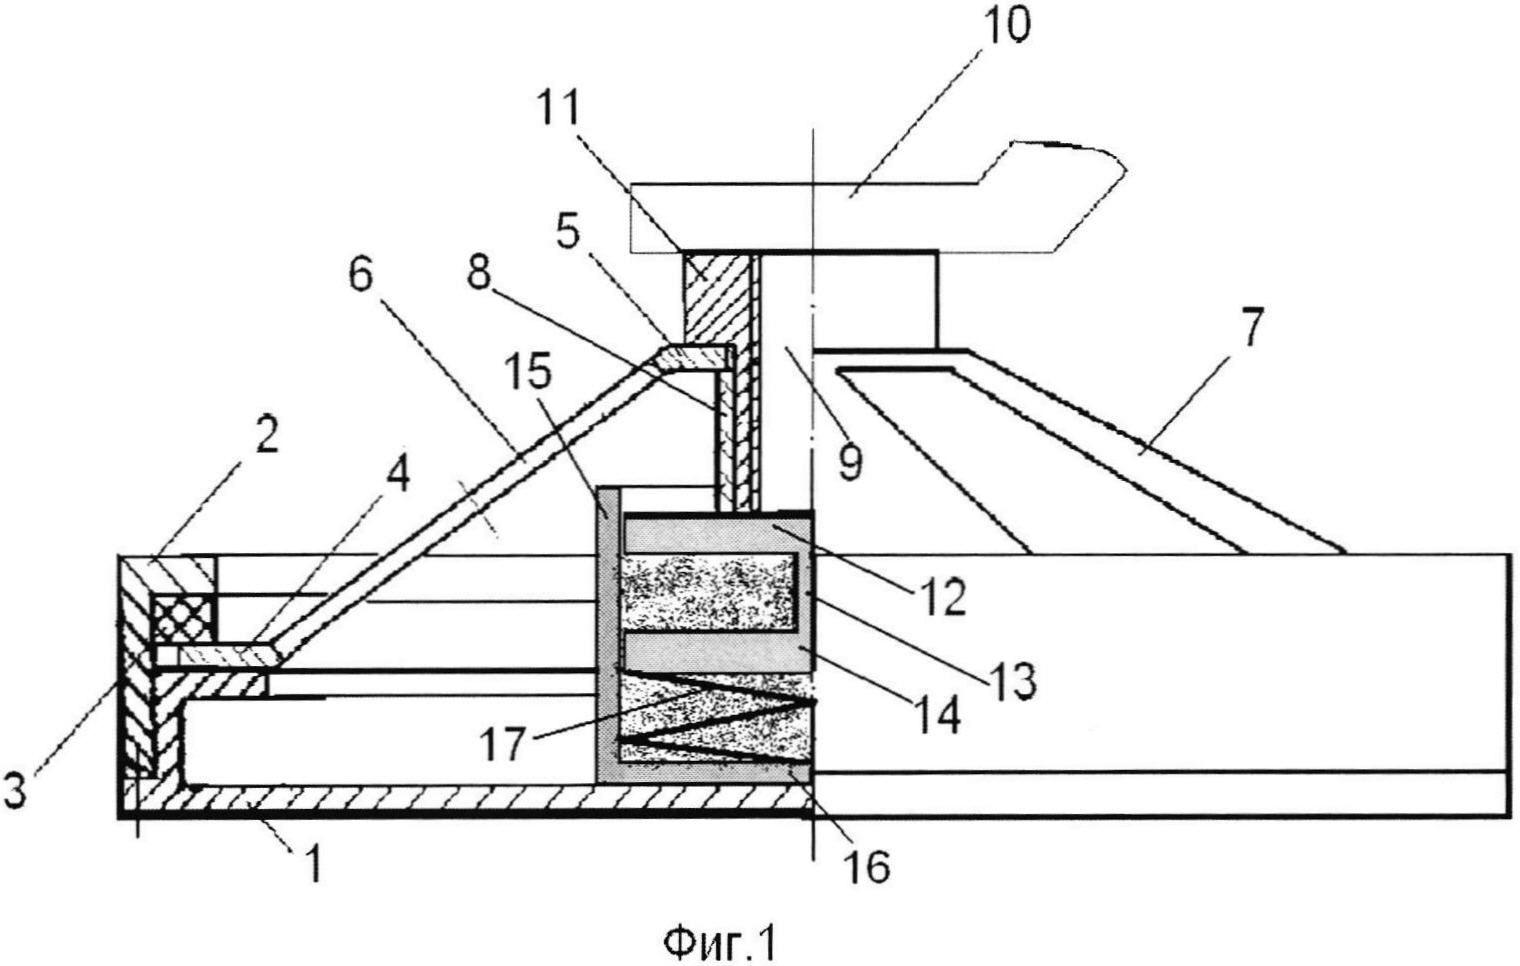 Тарельчатый виброизолятор кочетова с демпфером сухого трения